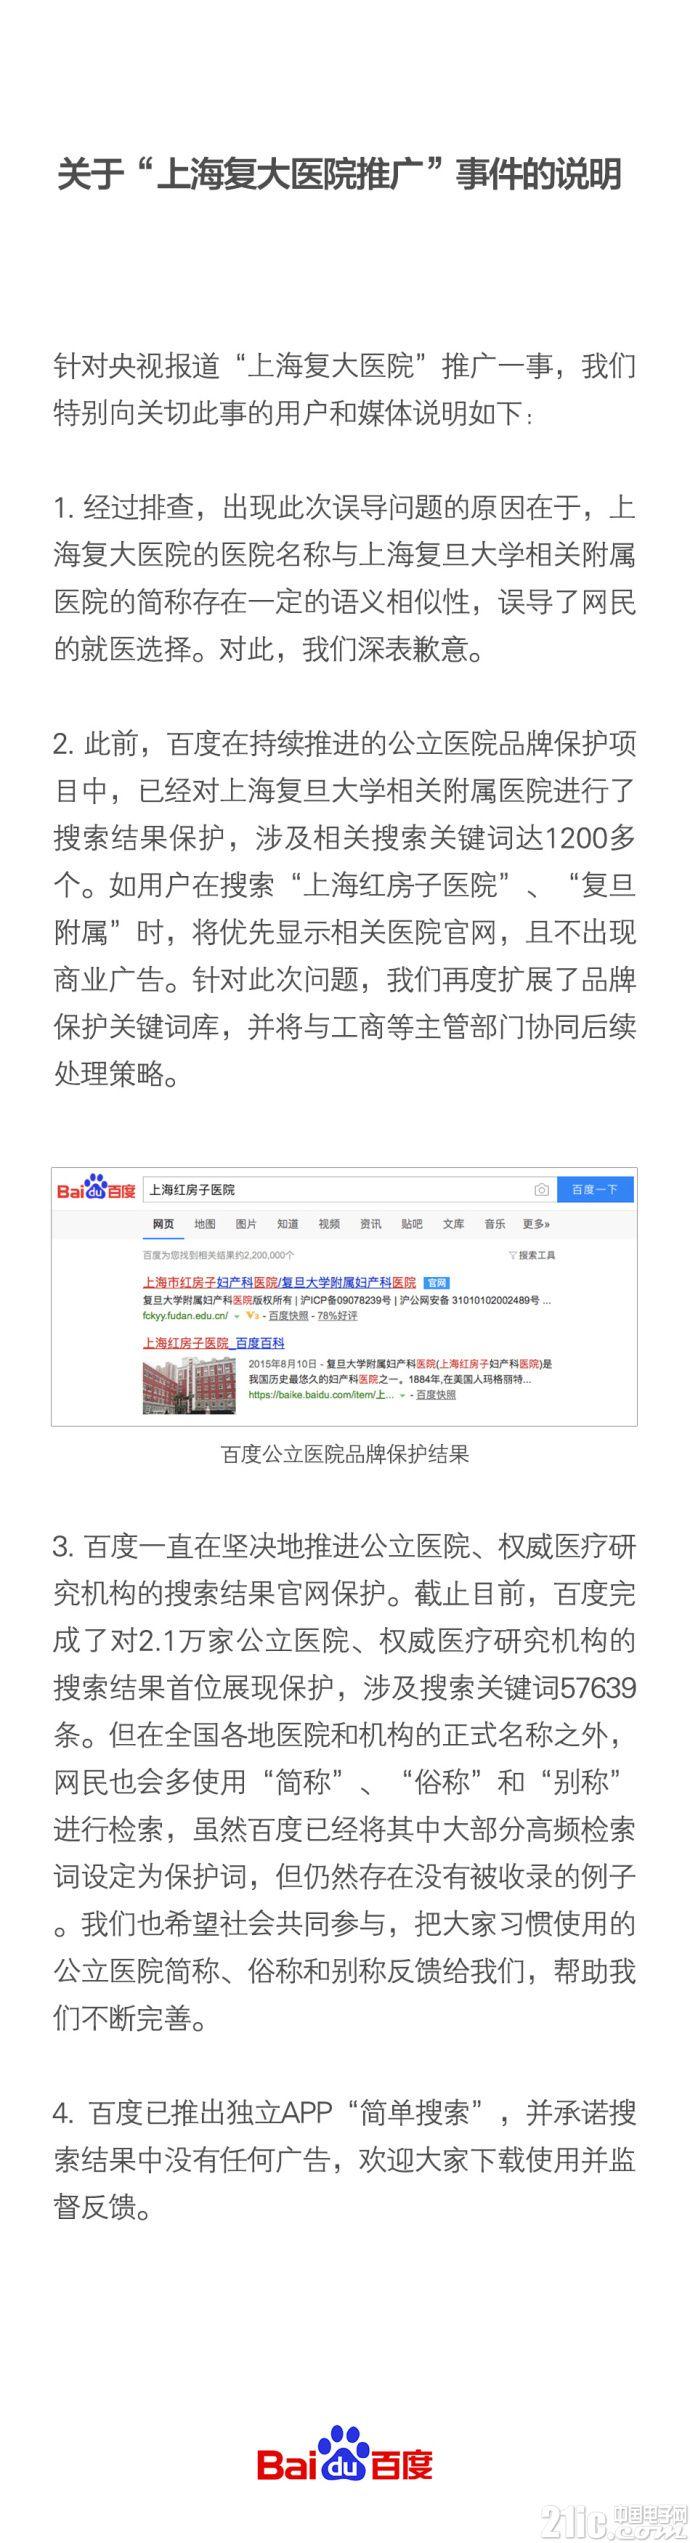 """百度又出""""上海复大医院""""推广门,这样的紧急回应满意吗?"""